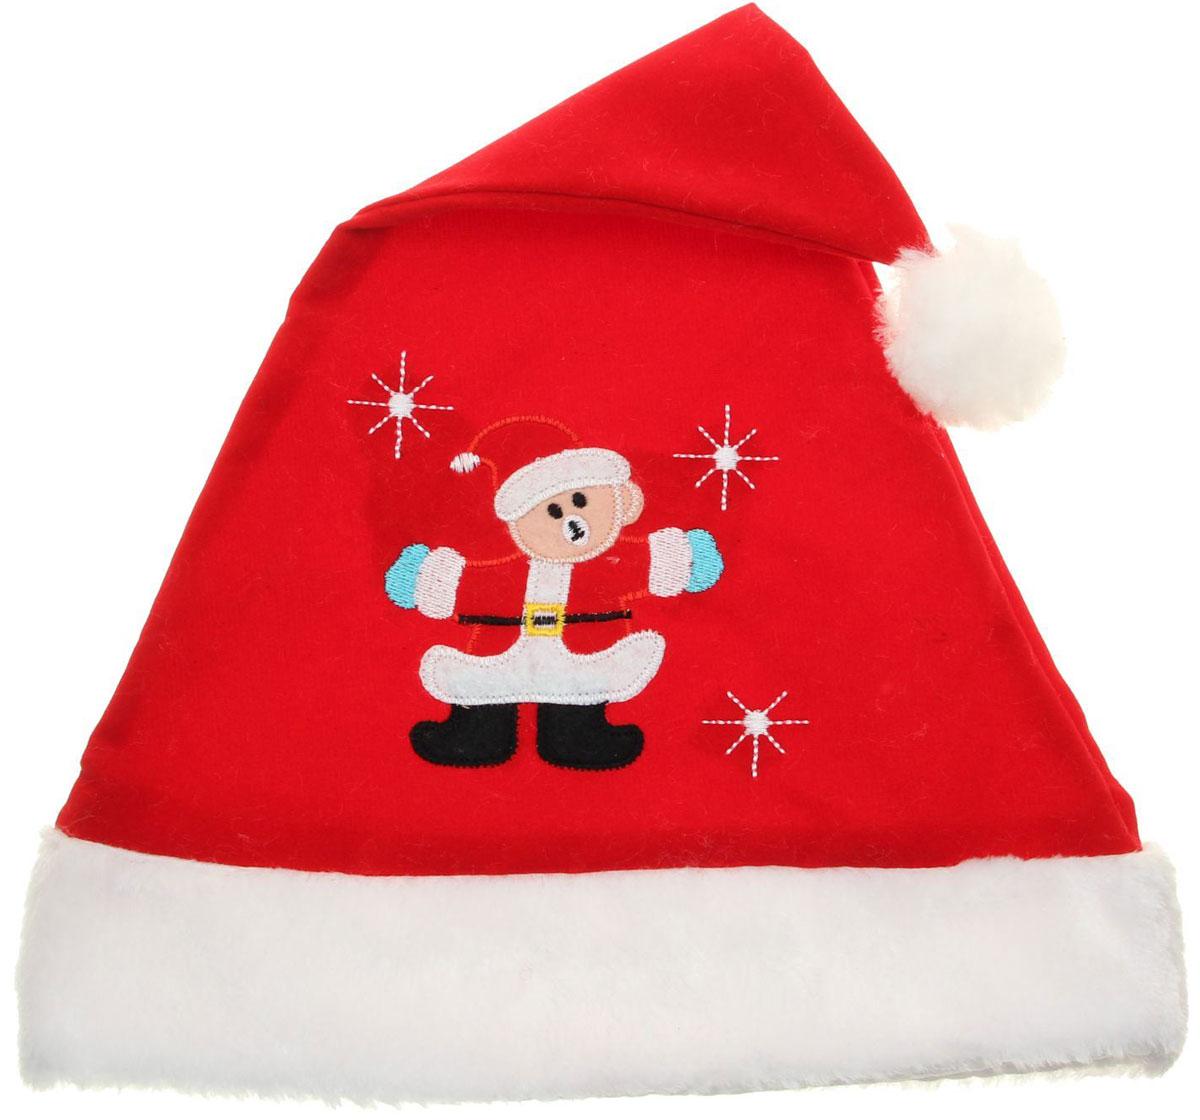 Колпак новогодний Мишка в костюме, 28 х 41 см. 13906371390637Поддайтесь новогоднему веселью на полную катушку! Забавный колпак в секунду создаст праздничное настроение, будь то поздравление ребятишек или вечеринка с друзьями. Размер изделия универсальный: аксессуар подойдет как для ребенка, так и для взрослого. А мягкий текстиль позволит носить колпак с комфортом на протяжении всей новогодней ночи.